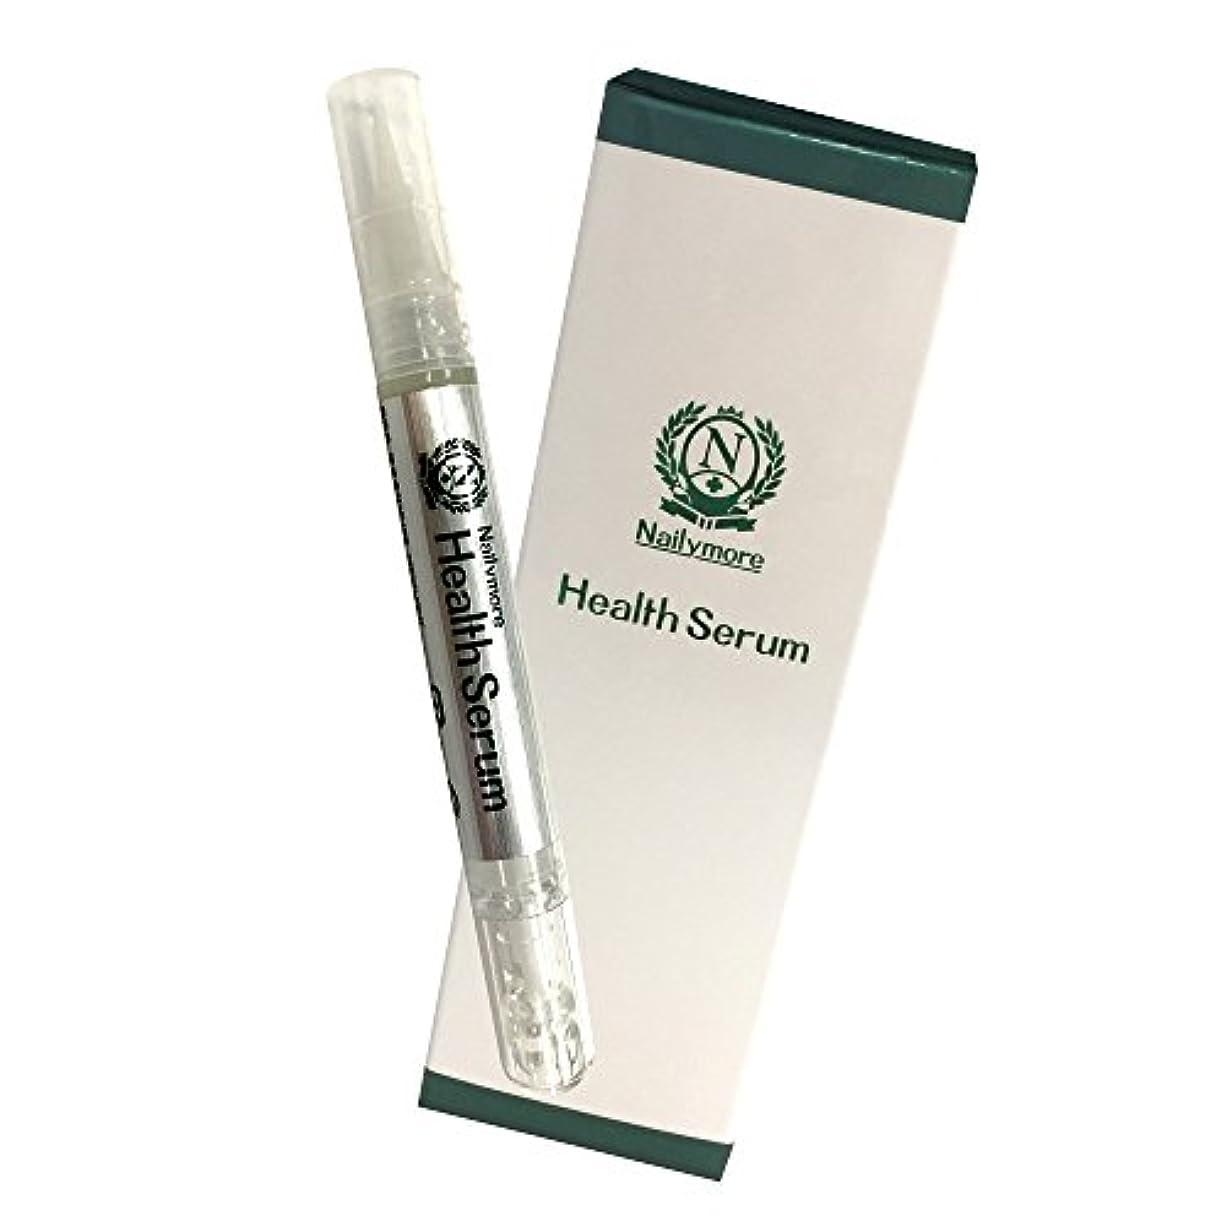 ヘルスセラム 爪用美容液 Health Serum